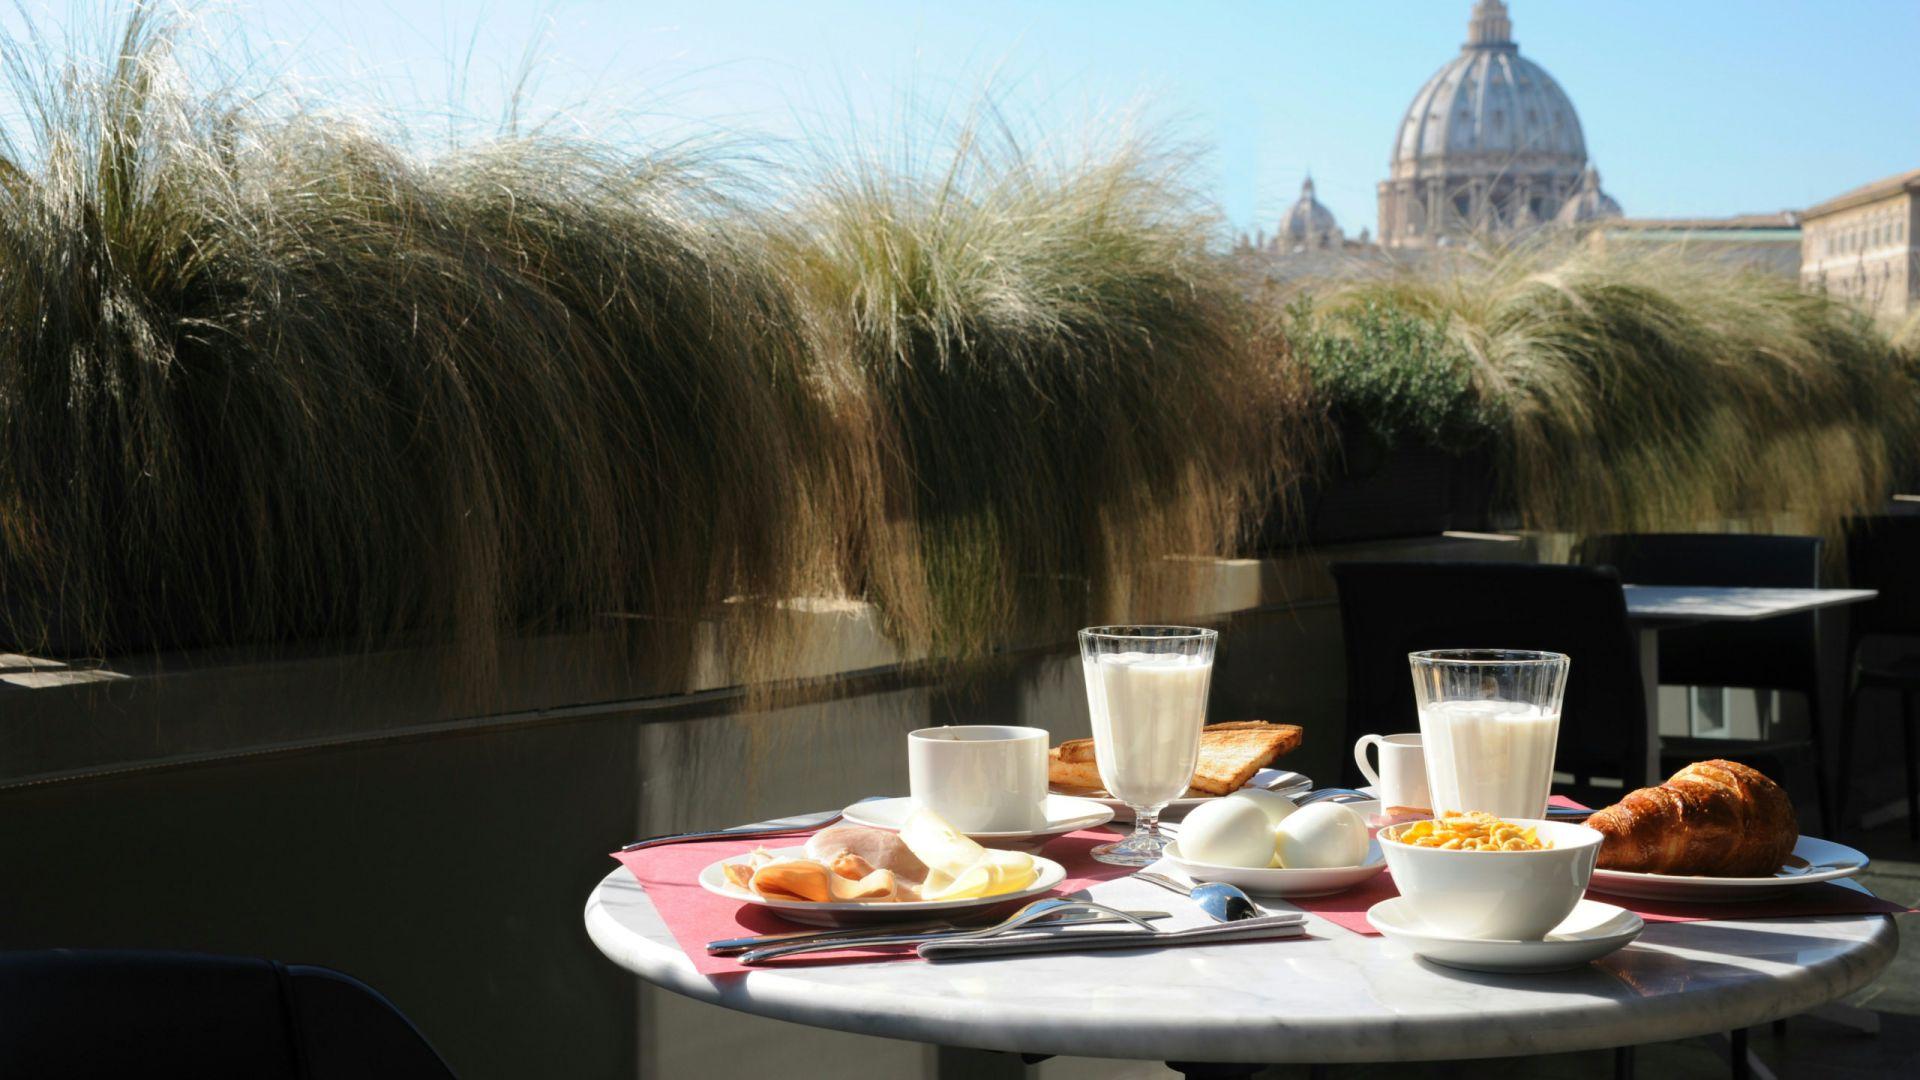 residence-trianon-rome-breakfast-in-terrace-2613